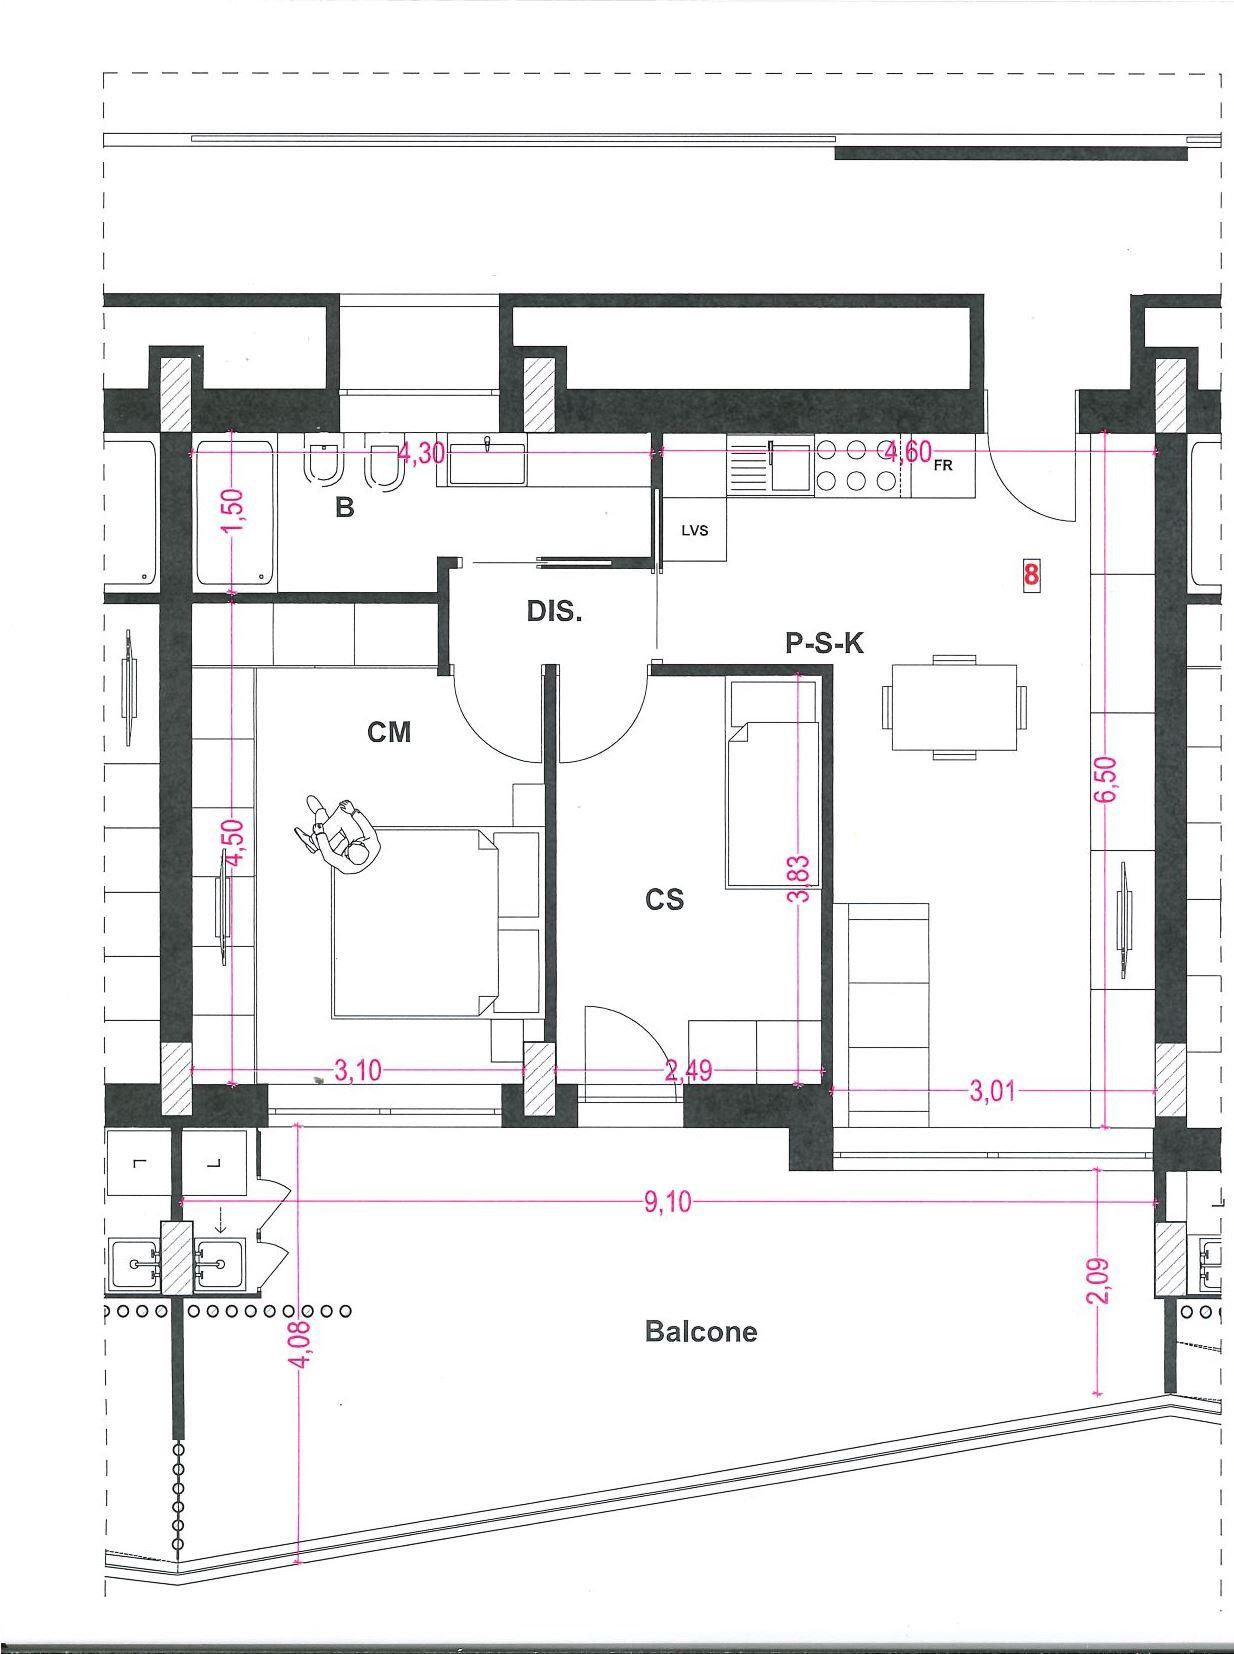 Appartamento in vendita a Giulianova, 3 locali, zona Località: a20metridalmare, prezzo € 216.000 | PortaleAgenzieImmobiliari.it